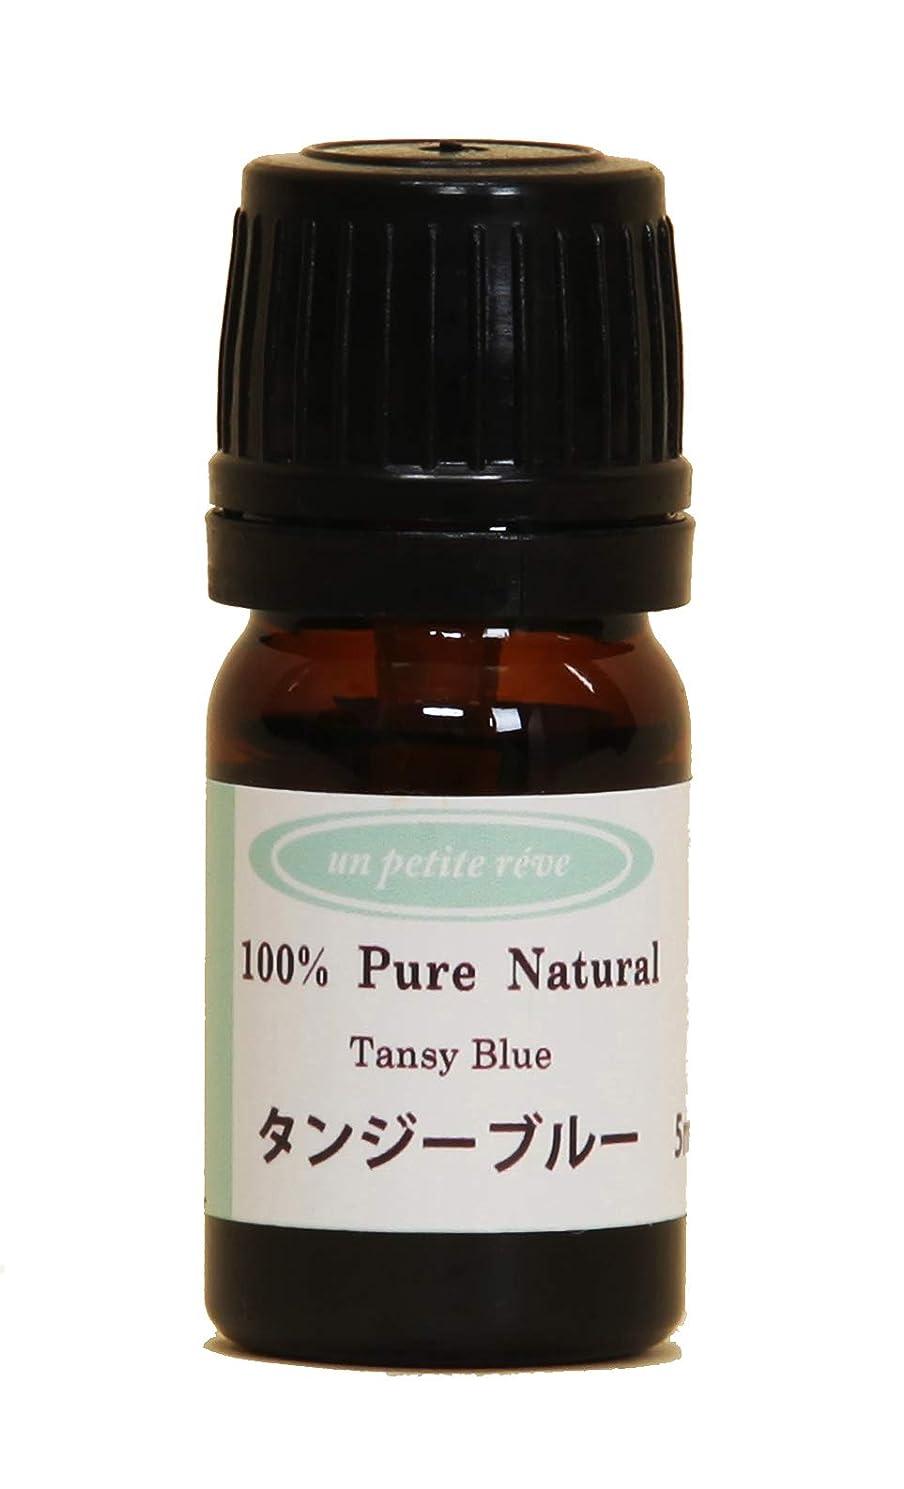 としてゆるく位置づけるタンジーブルー 5ml 100%天然アロマエッセンシャルオイル(精油)